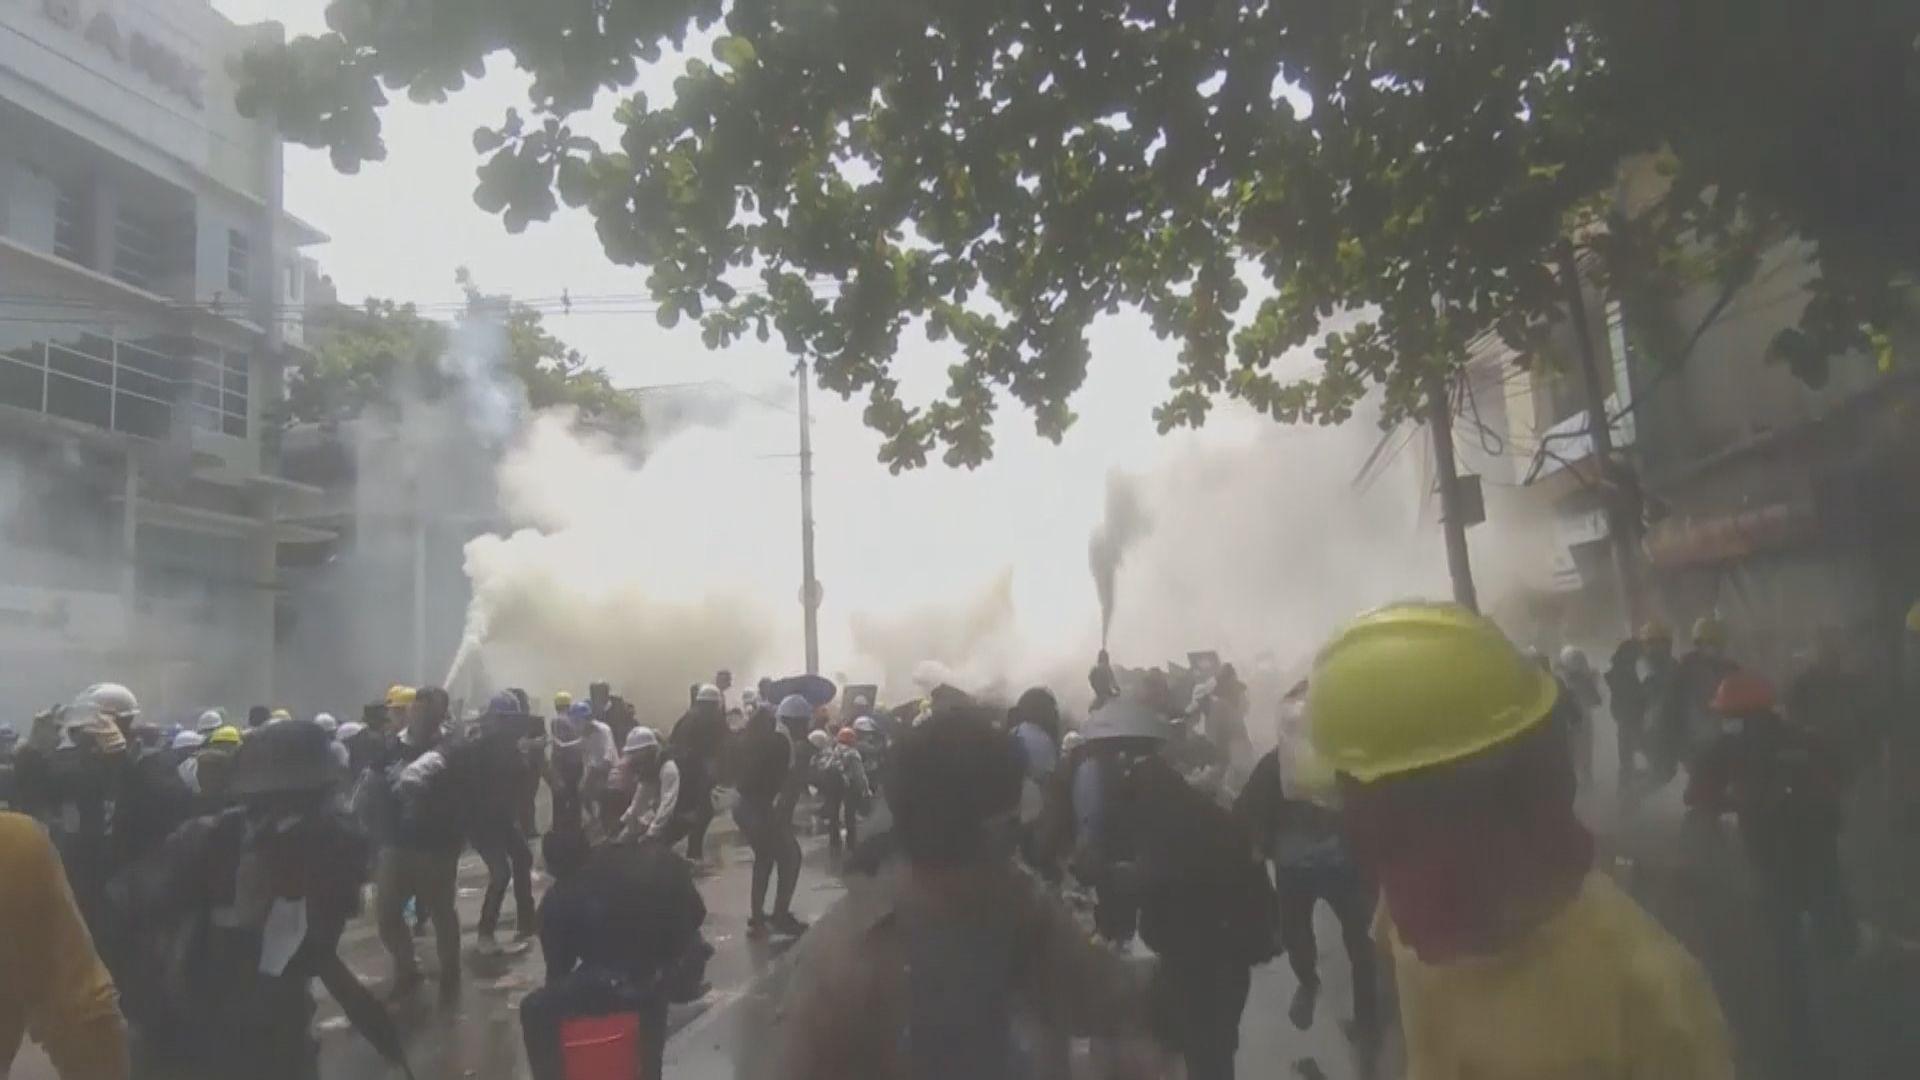 【即日焦點】科大一公司兩職員本港及上海確診 防護中心相信兩個案有關連;緬甸警方據報再以實彈鎮壓示威多人傷 至少六記者被捕